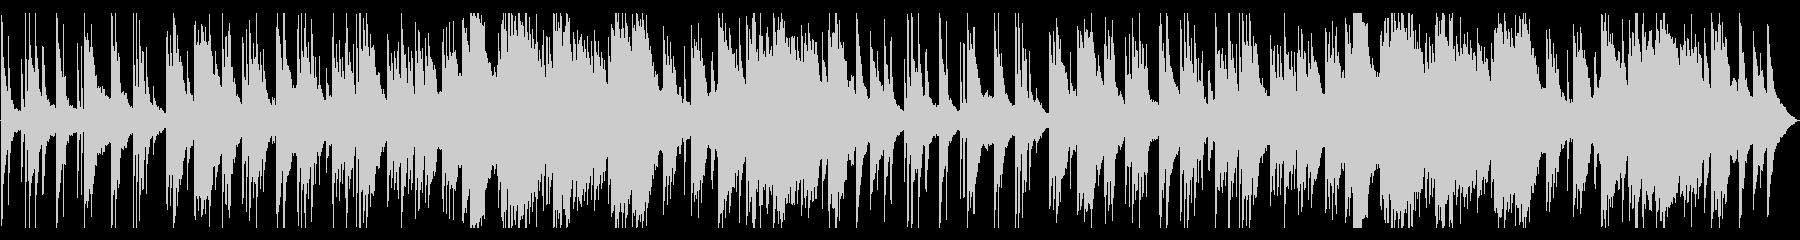 暖かくて少し切ない感動のピアノバラードの未再生の波形